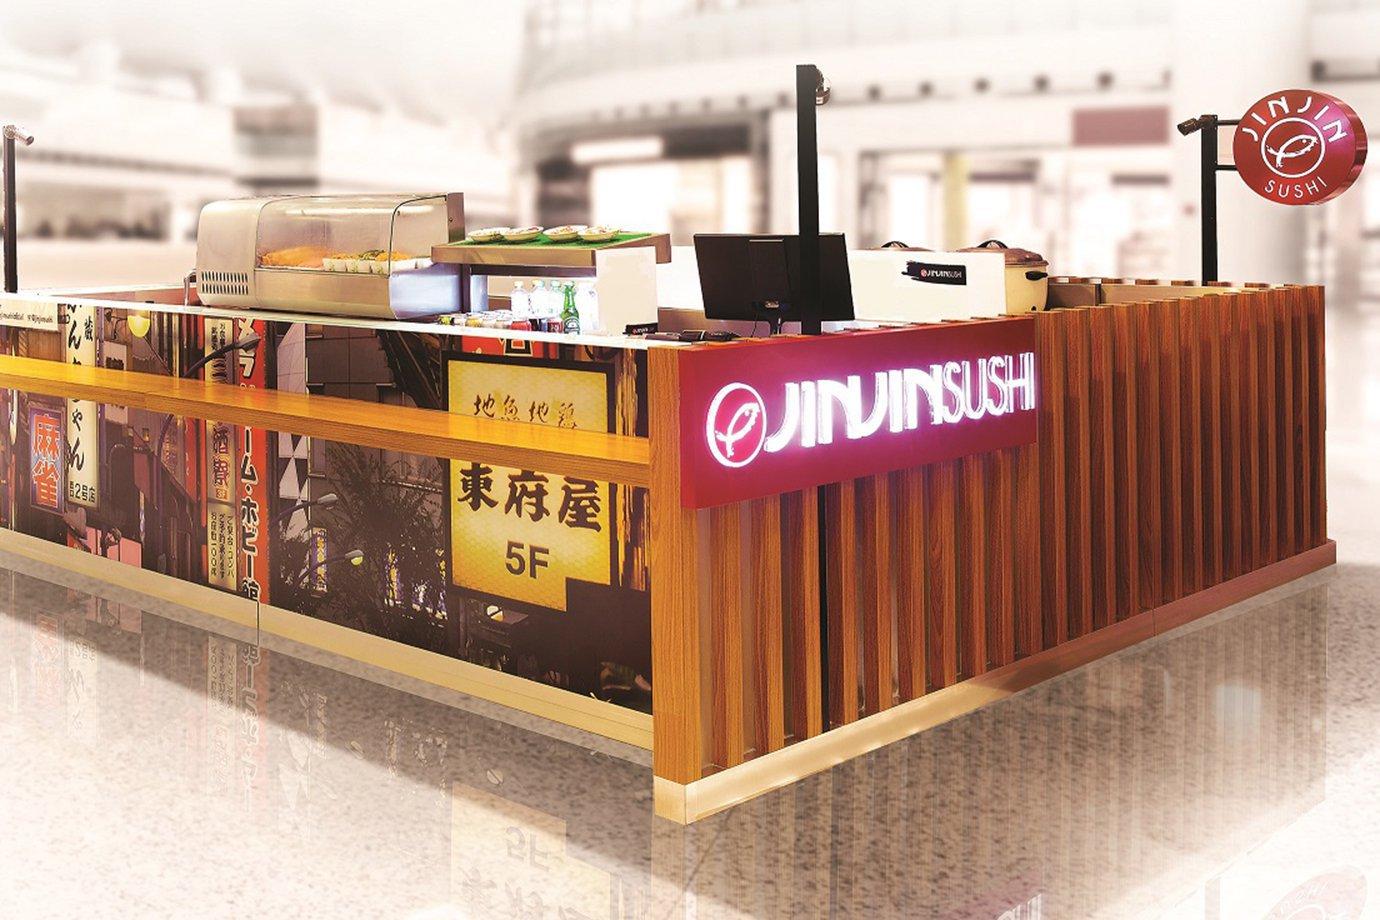 Quiosque da Jin Jin